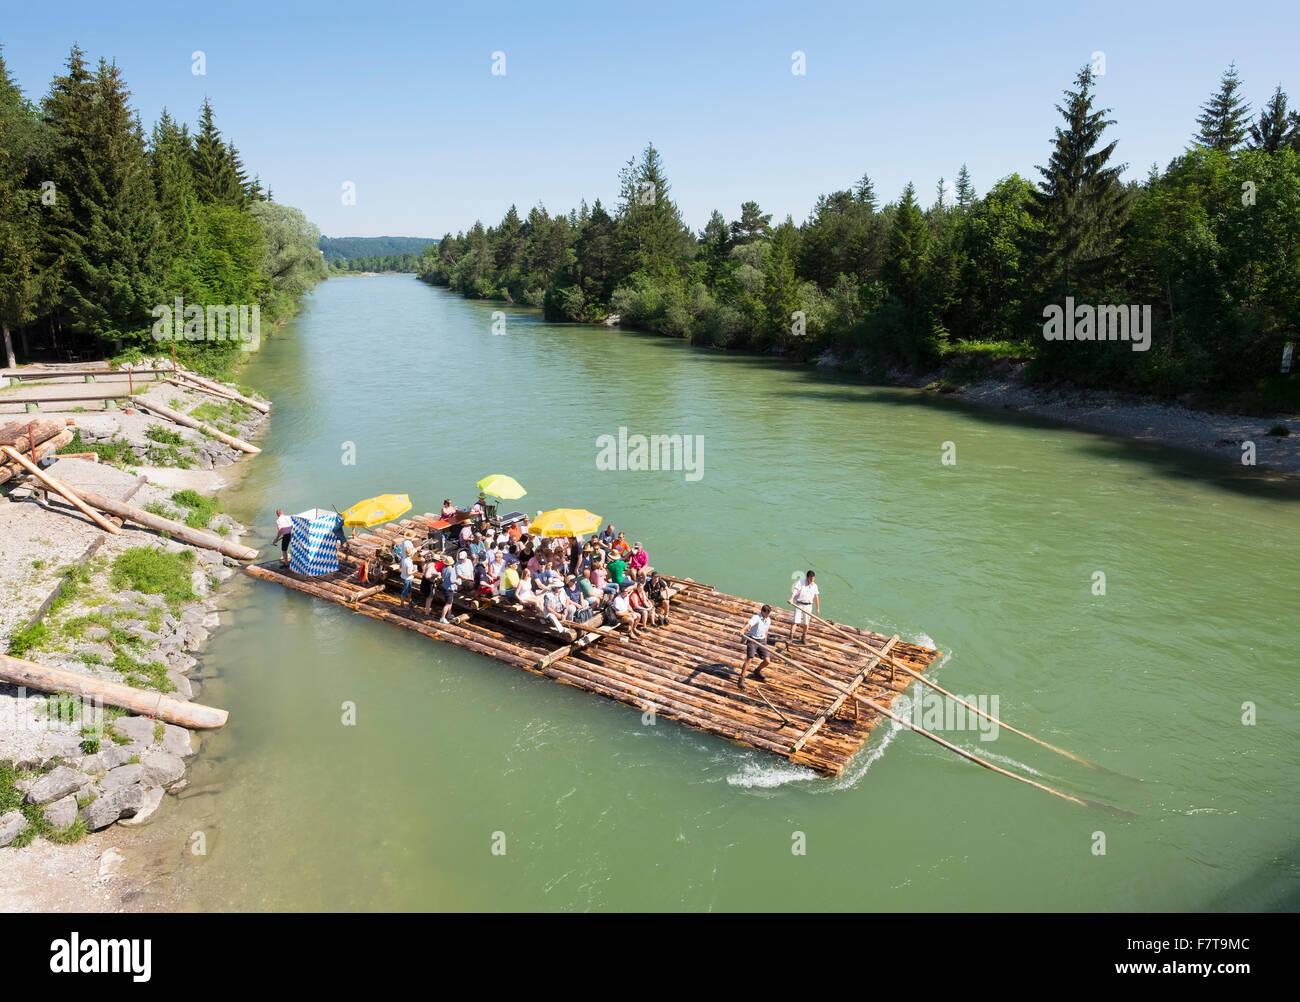 Lanzamiento en balsa por el río Isar, el viaje en balsa, reserva natural, Pupplinger Isarauen Au, Wolfratshausen, Imagen De Stock